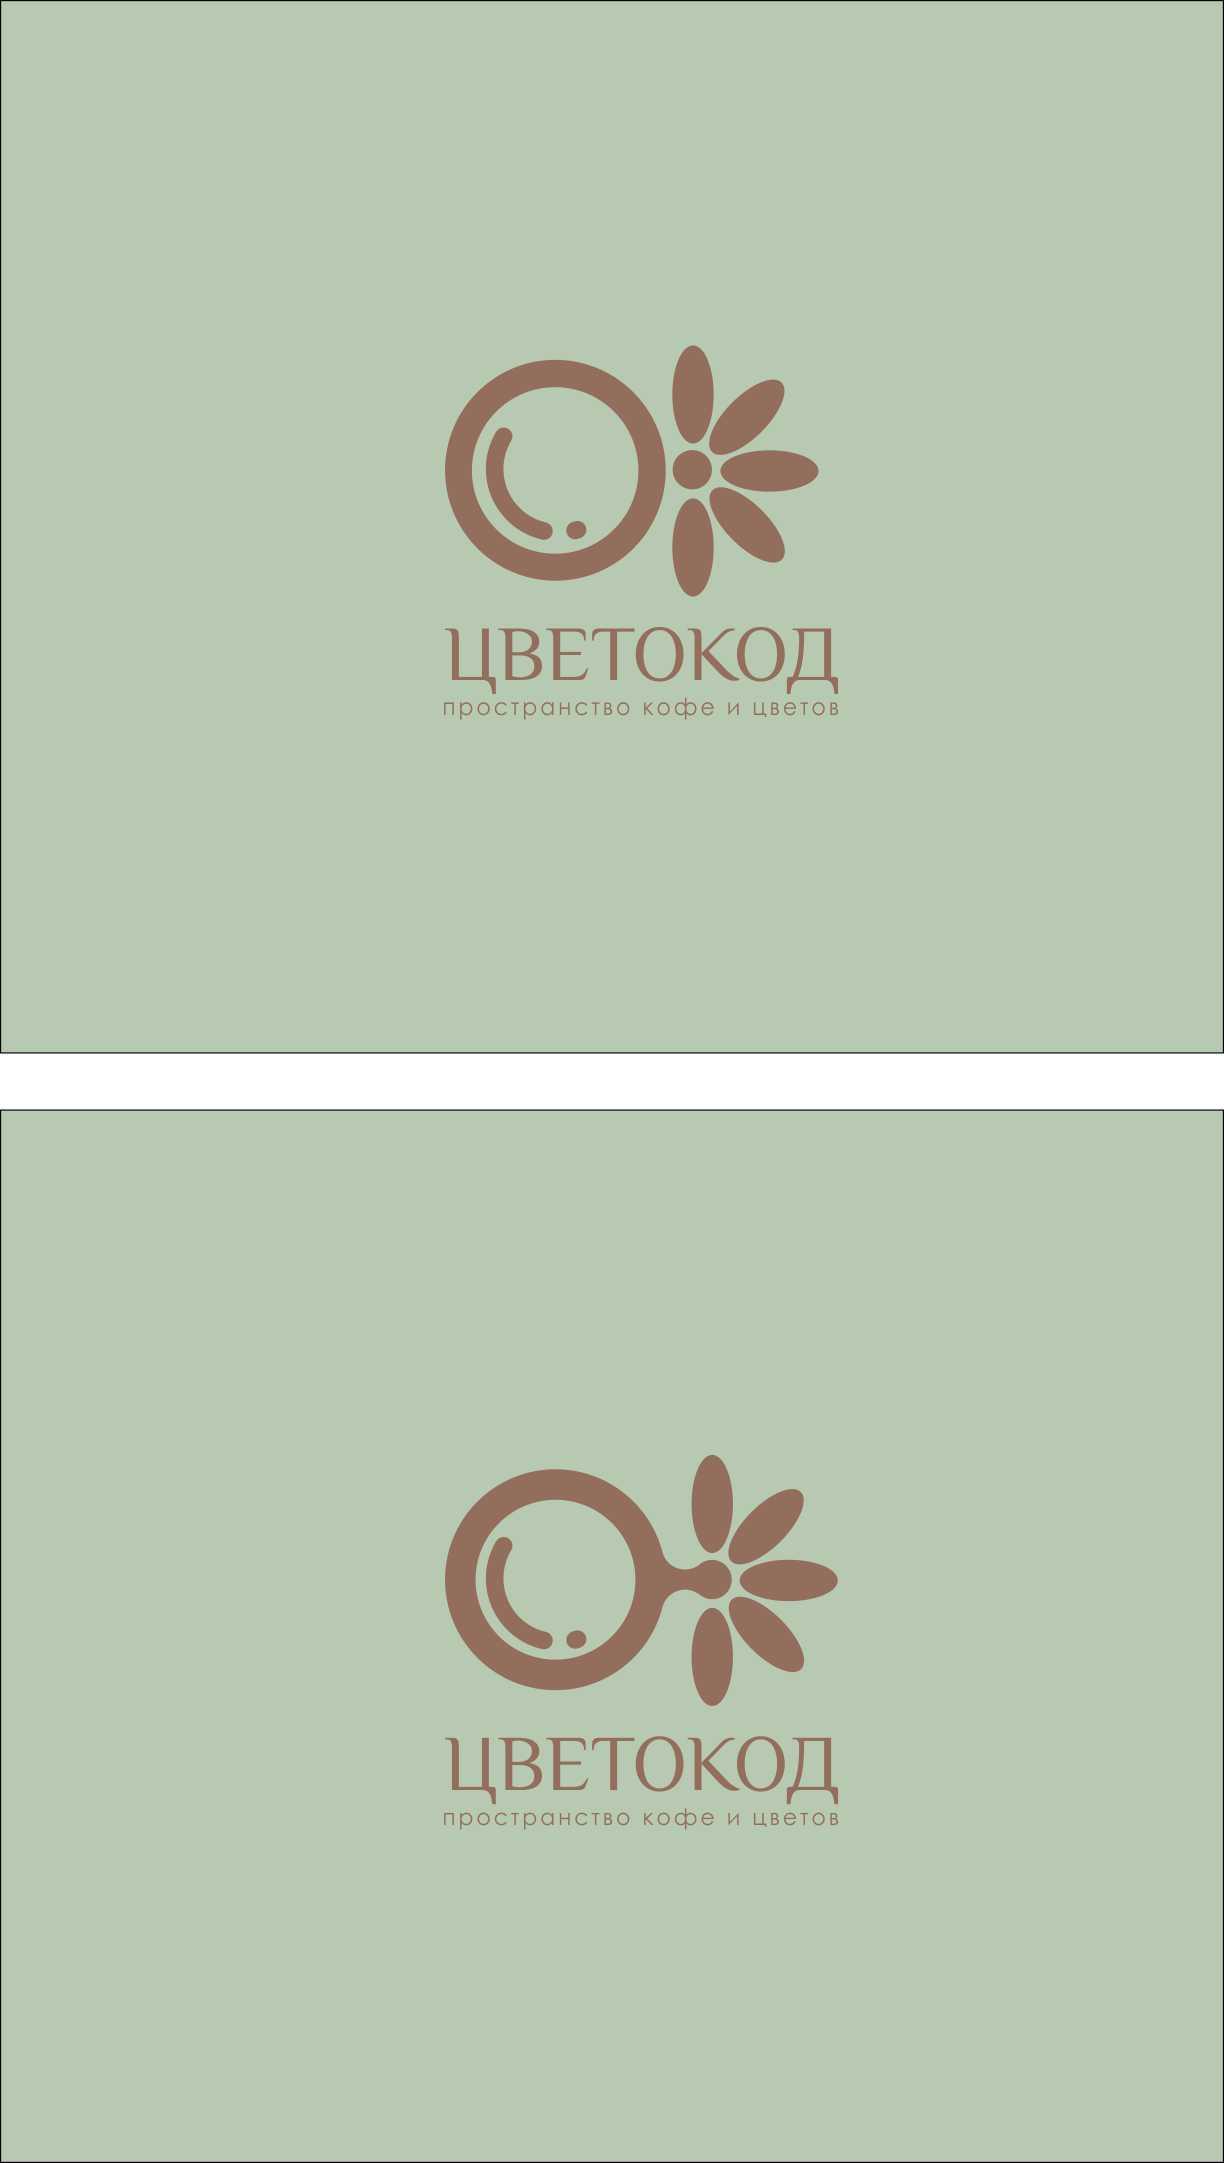 Логотип для ЦВЕТОКОД  фото f_8225d060b5dada41.jpg